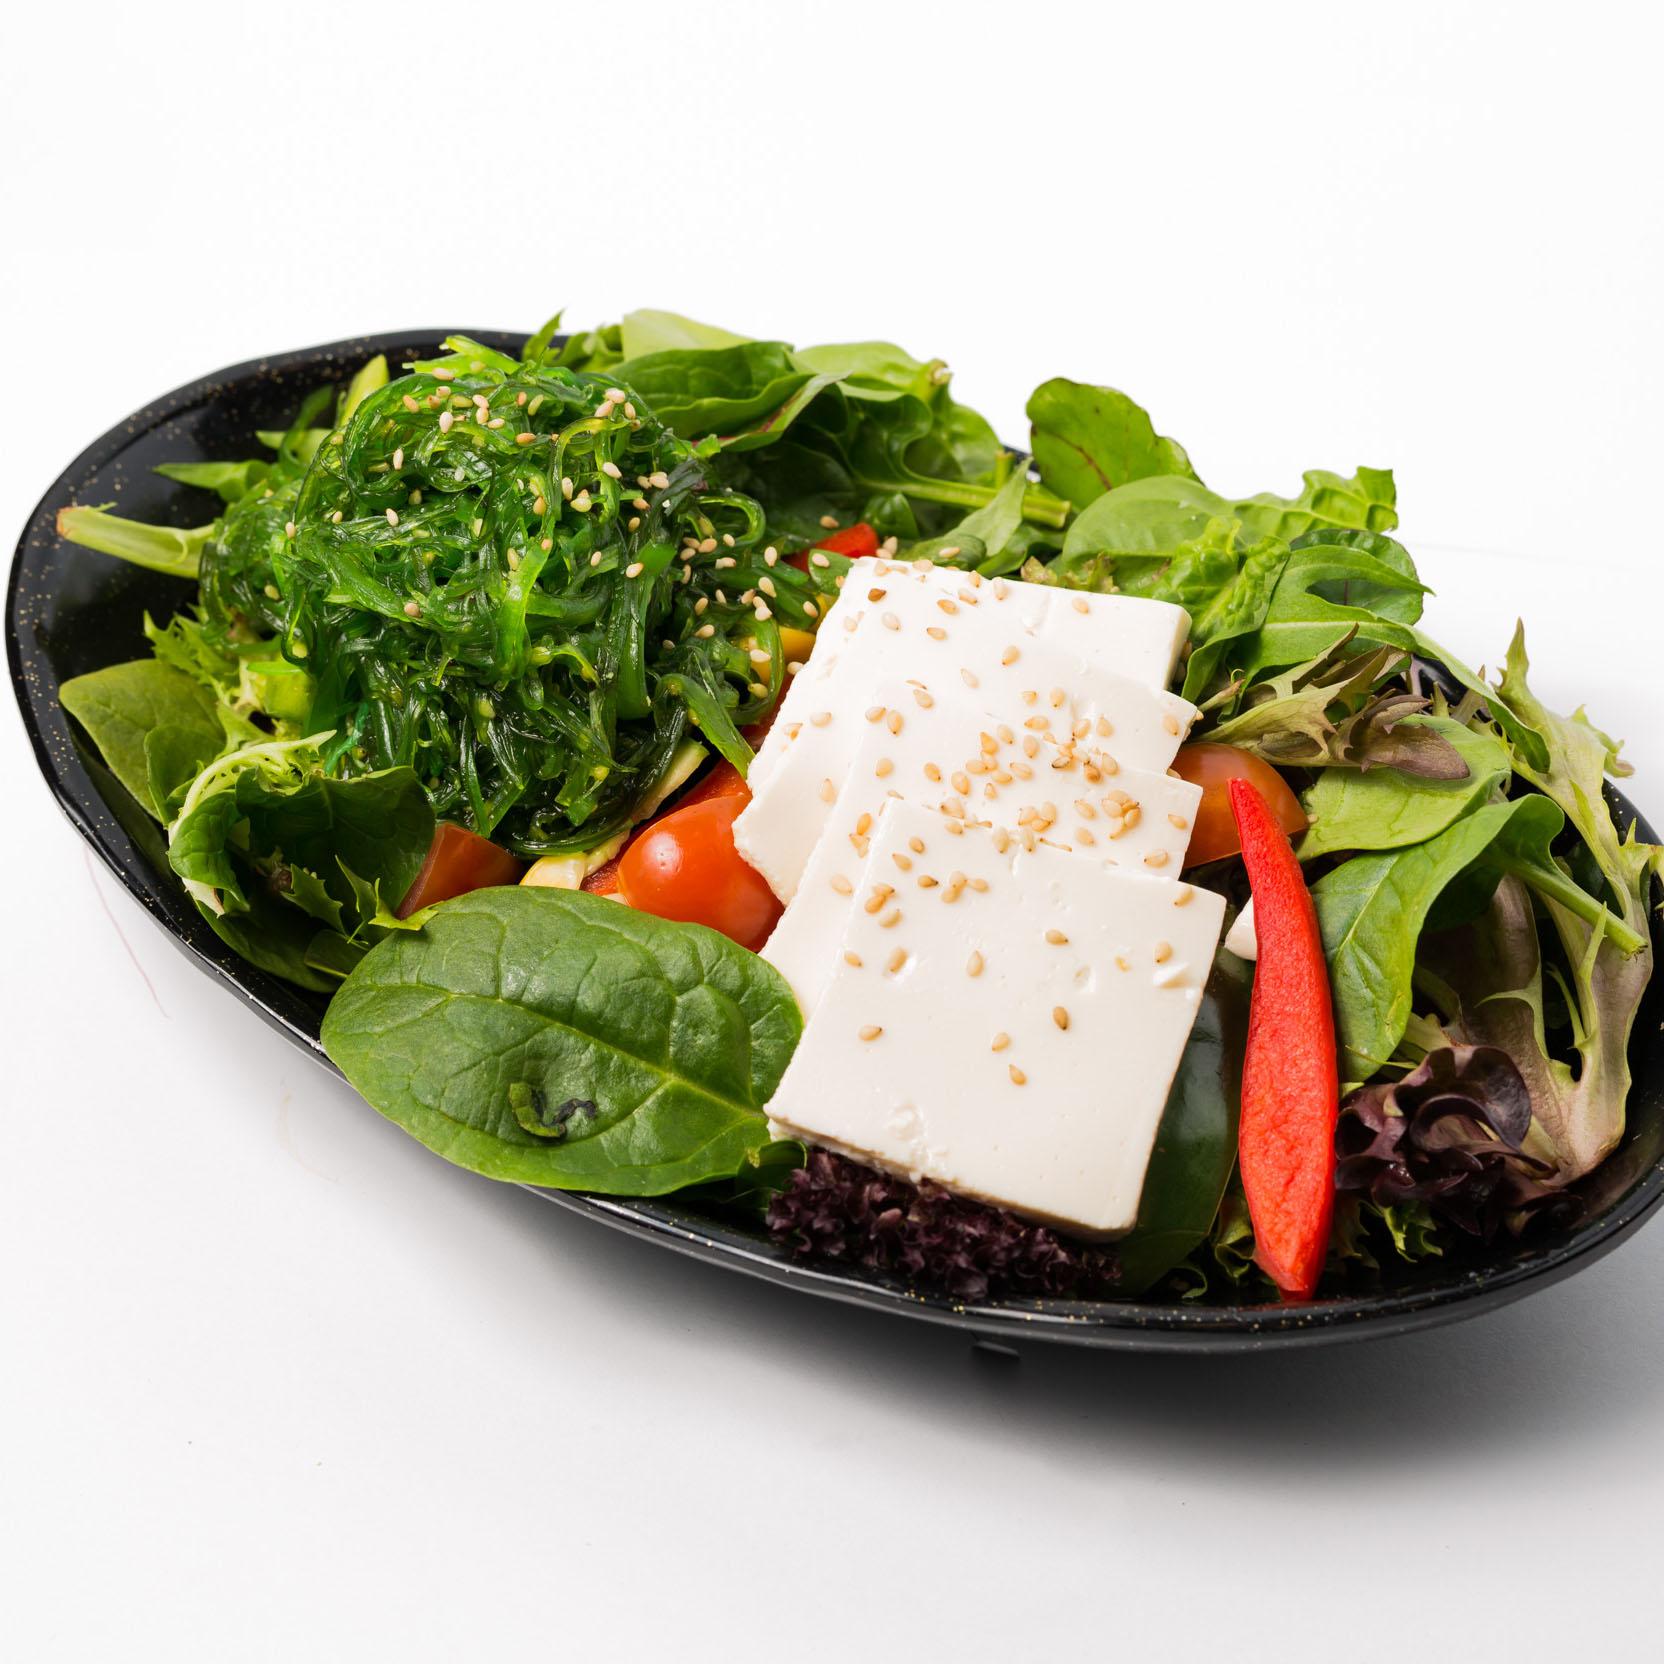 Tofu & Seaweed Salad - Vege